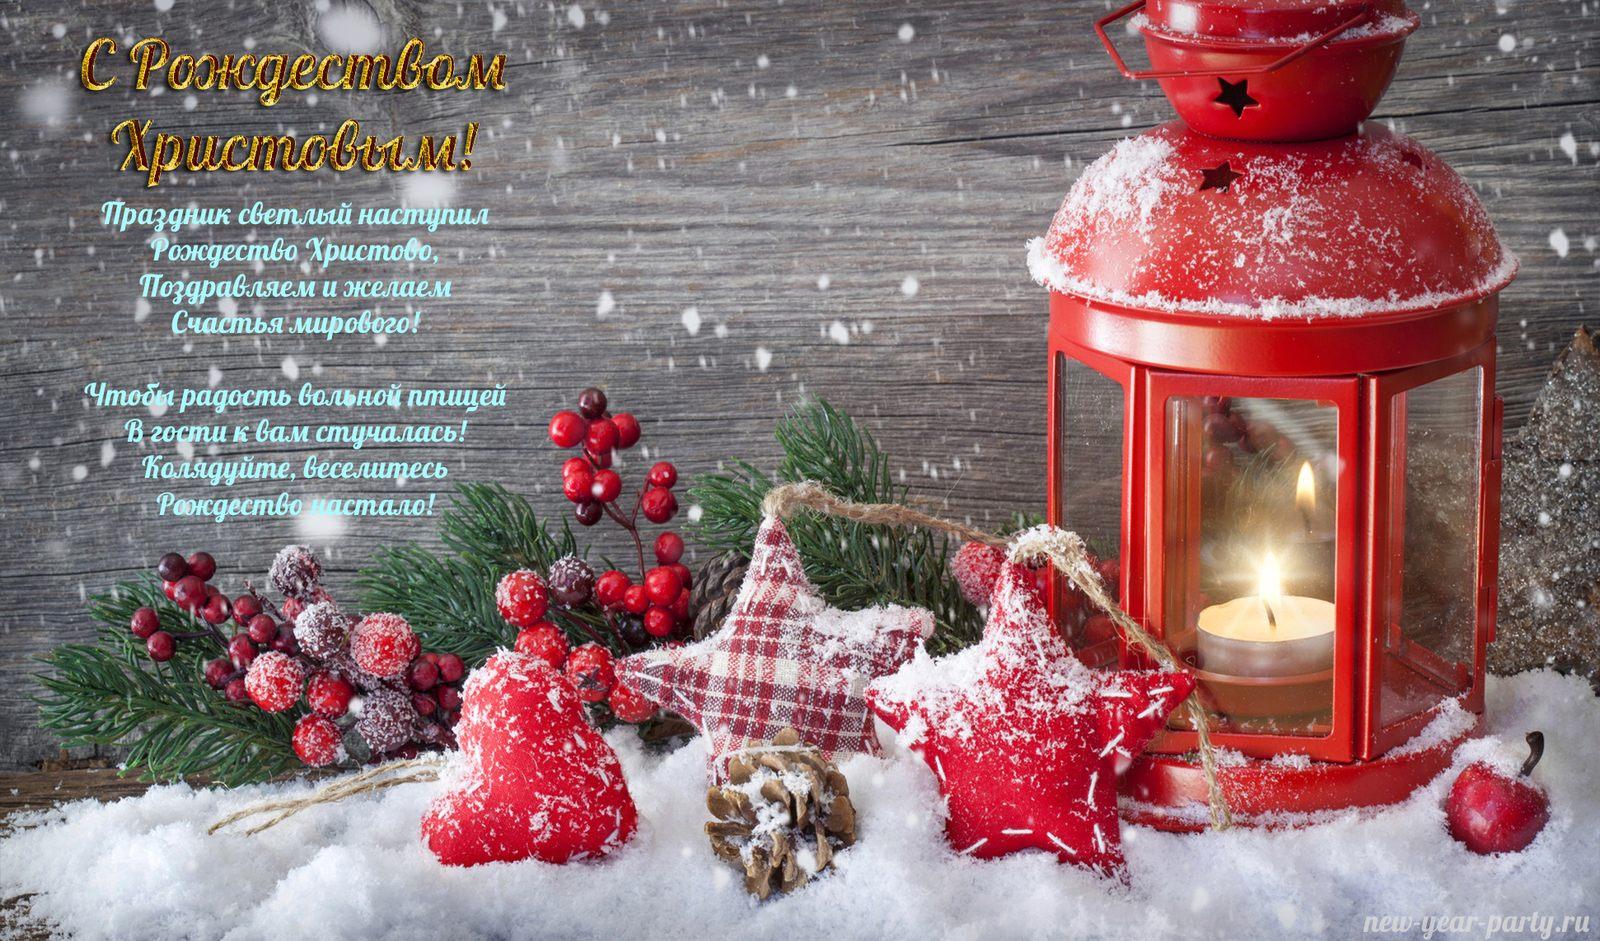 Красивые открытки с рождеством с надписями